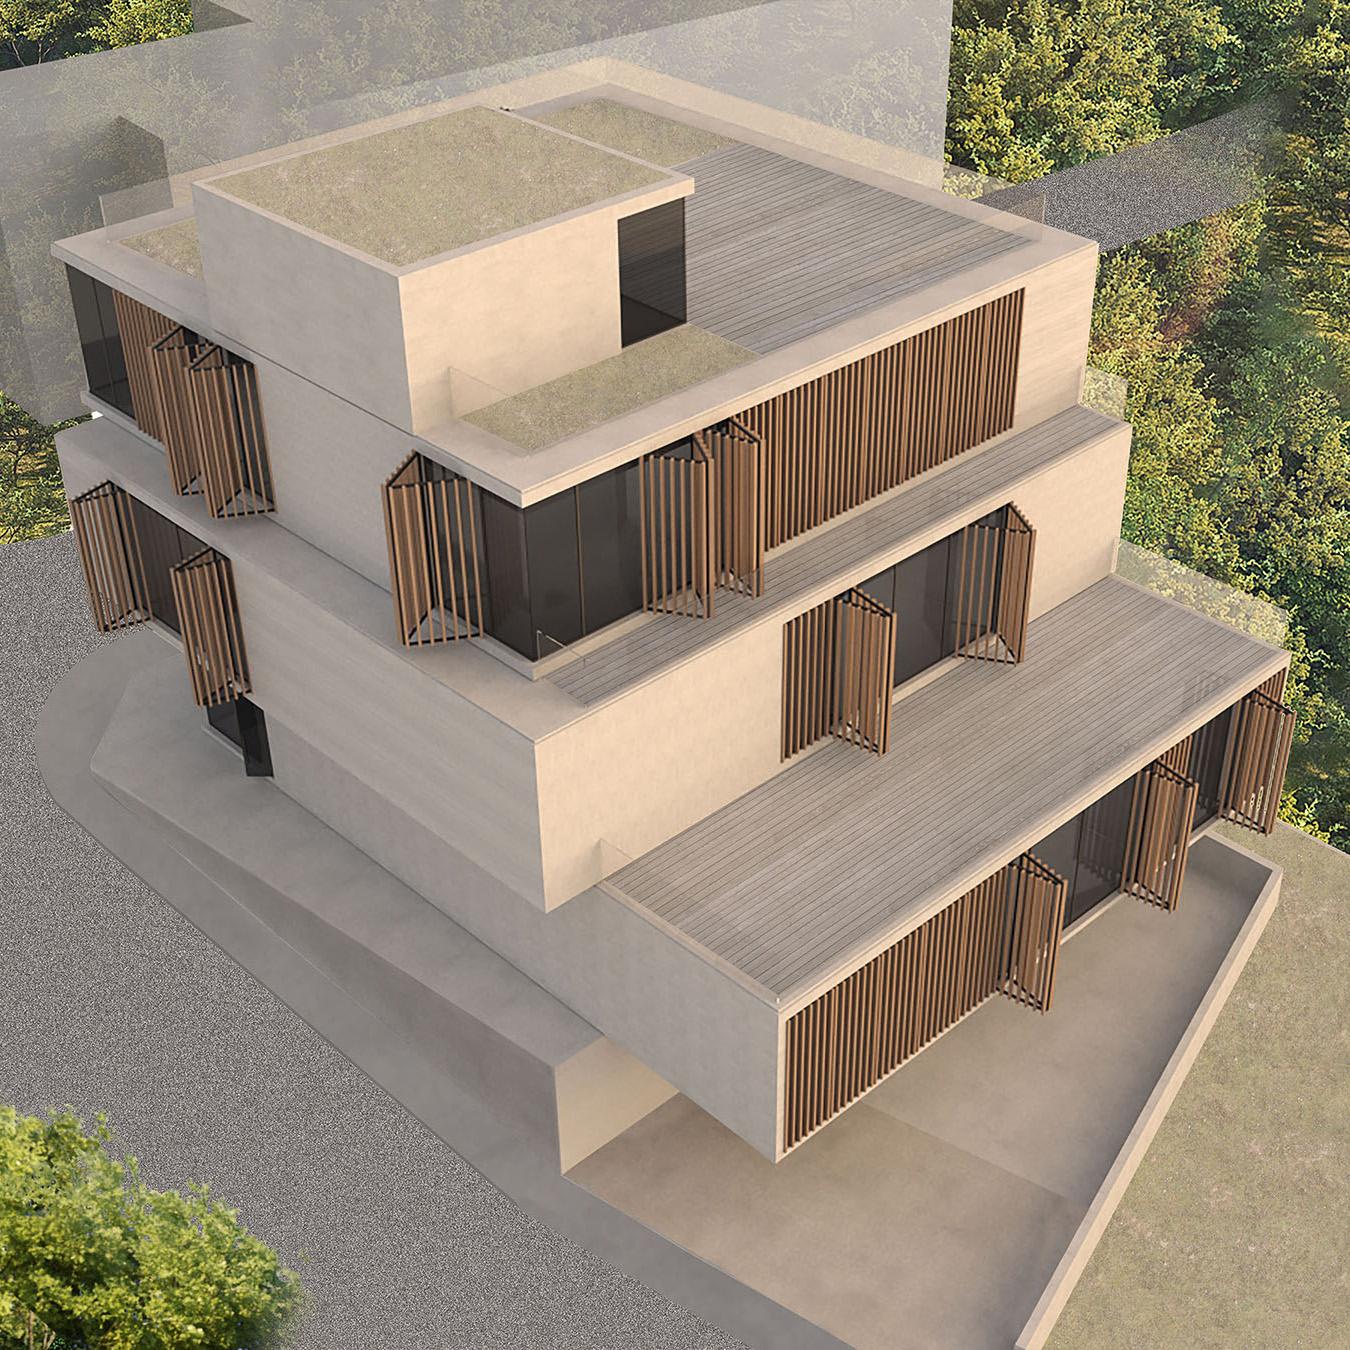 montserrat office building